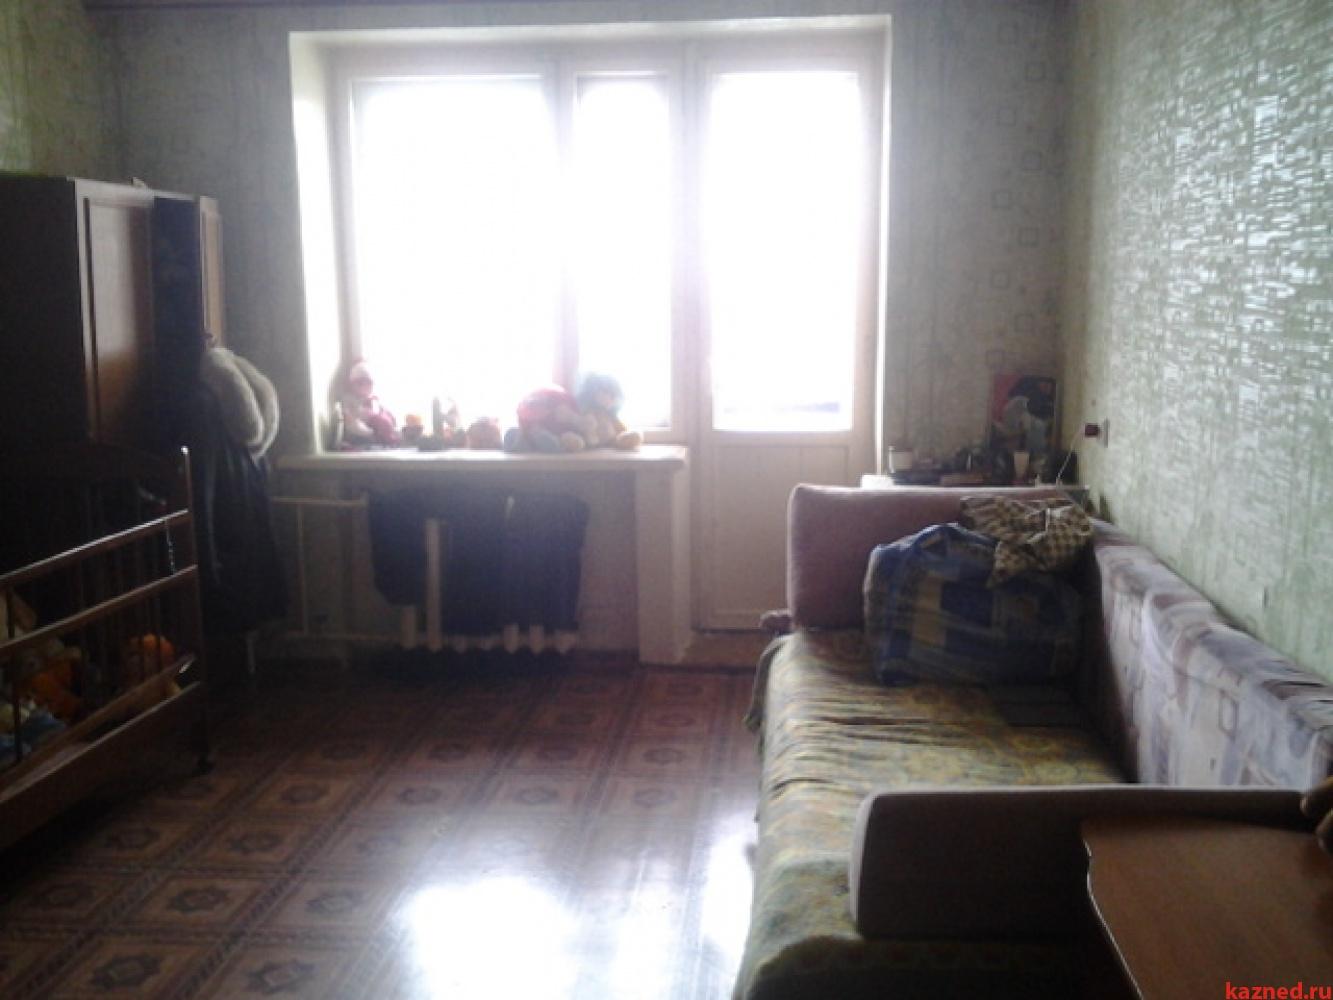 Продажа 2-к квартиры Авангардная,167А, 47 м²  (миниатюра №2)